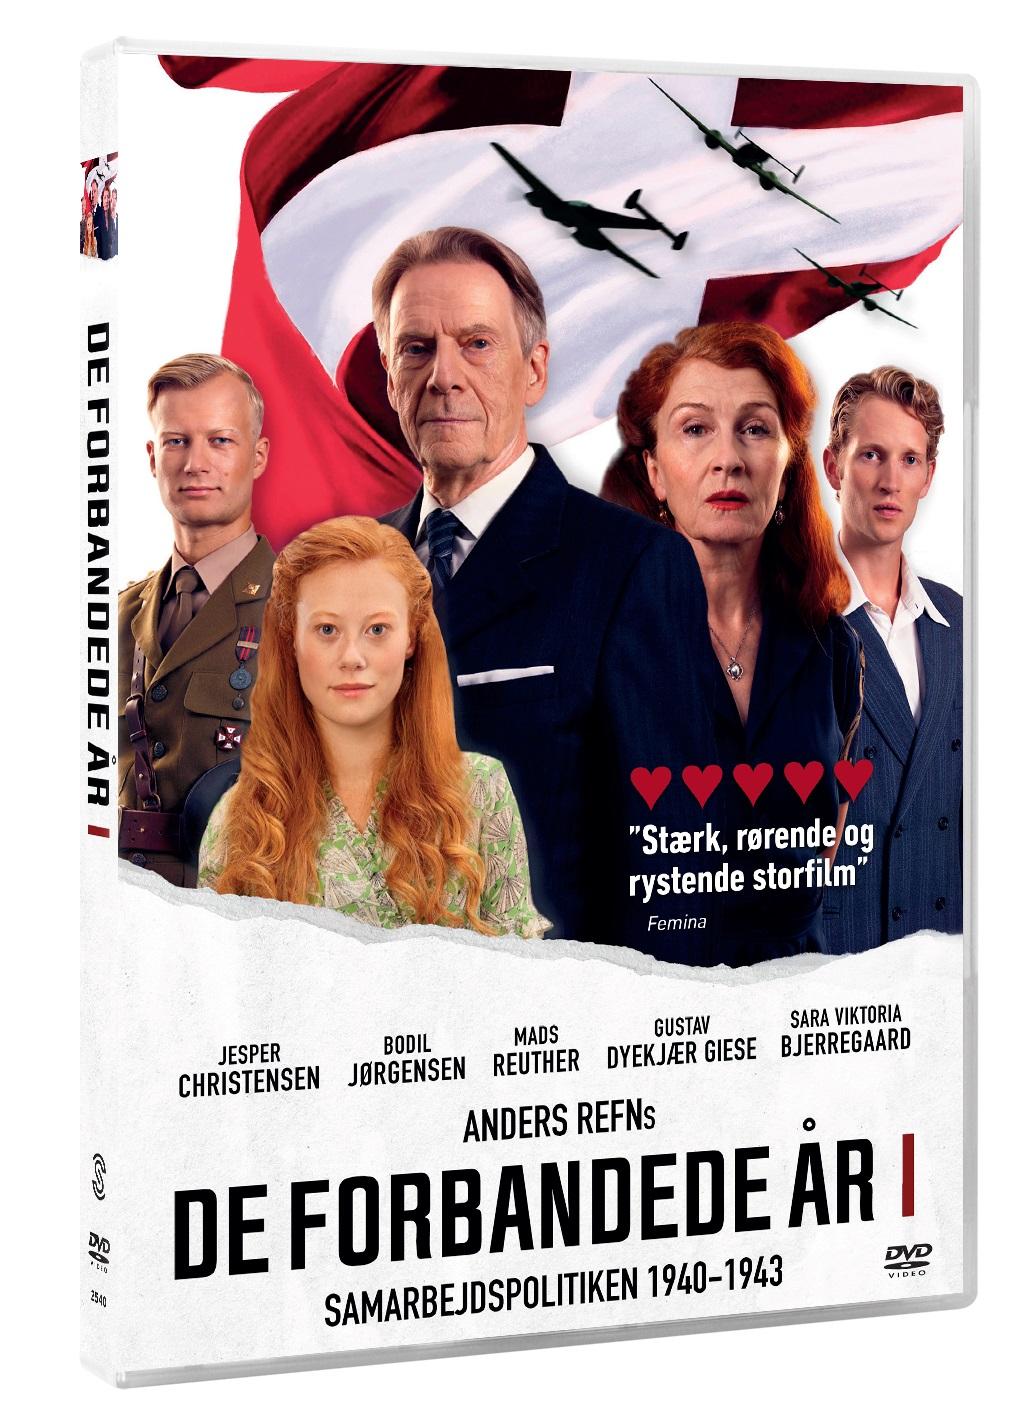 De Forbandede År -  - Film -  - 5706169003191 - 4/5-2020